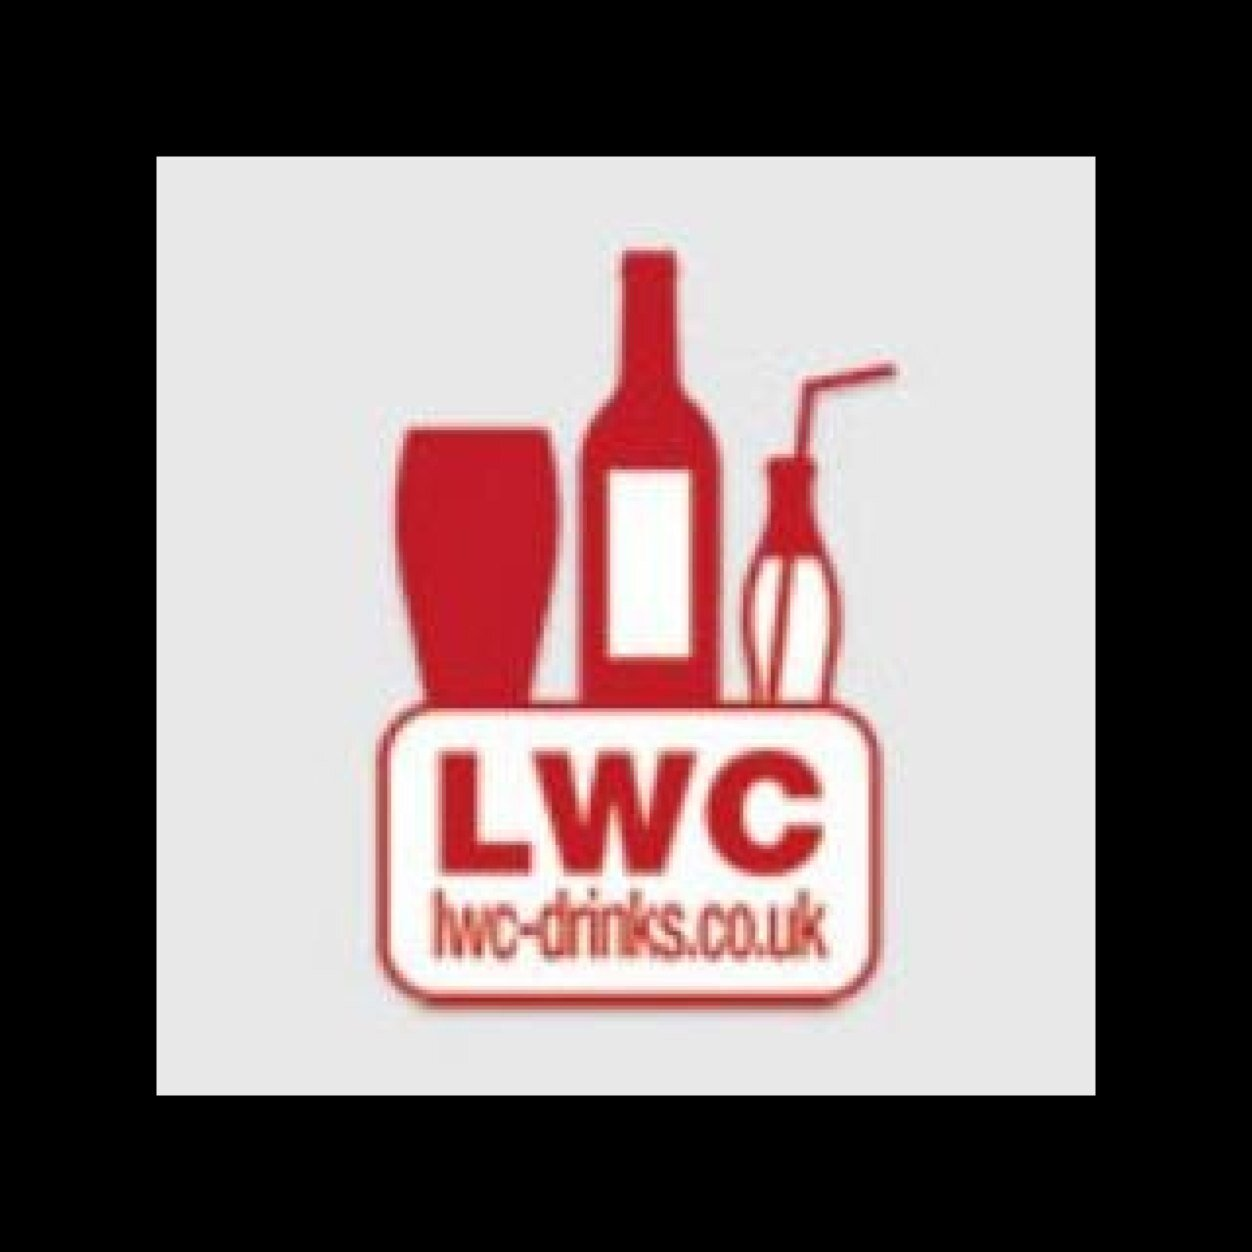 Www Lwc Drinks Co Uk